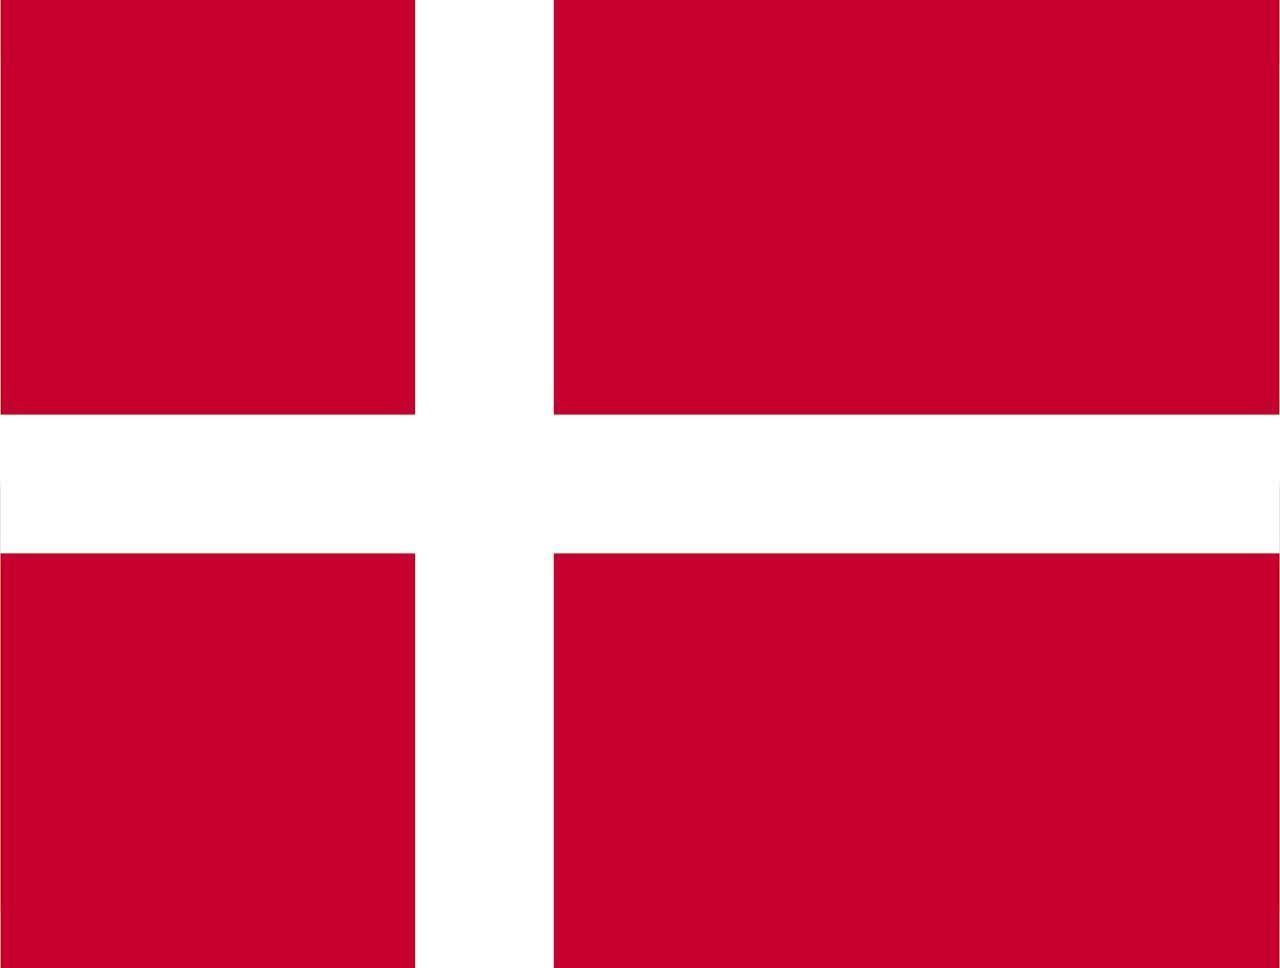 vexillology, Slower Greenland to Denmark Flag Morph GIFs